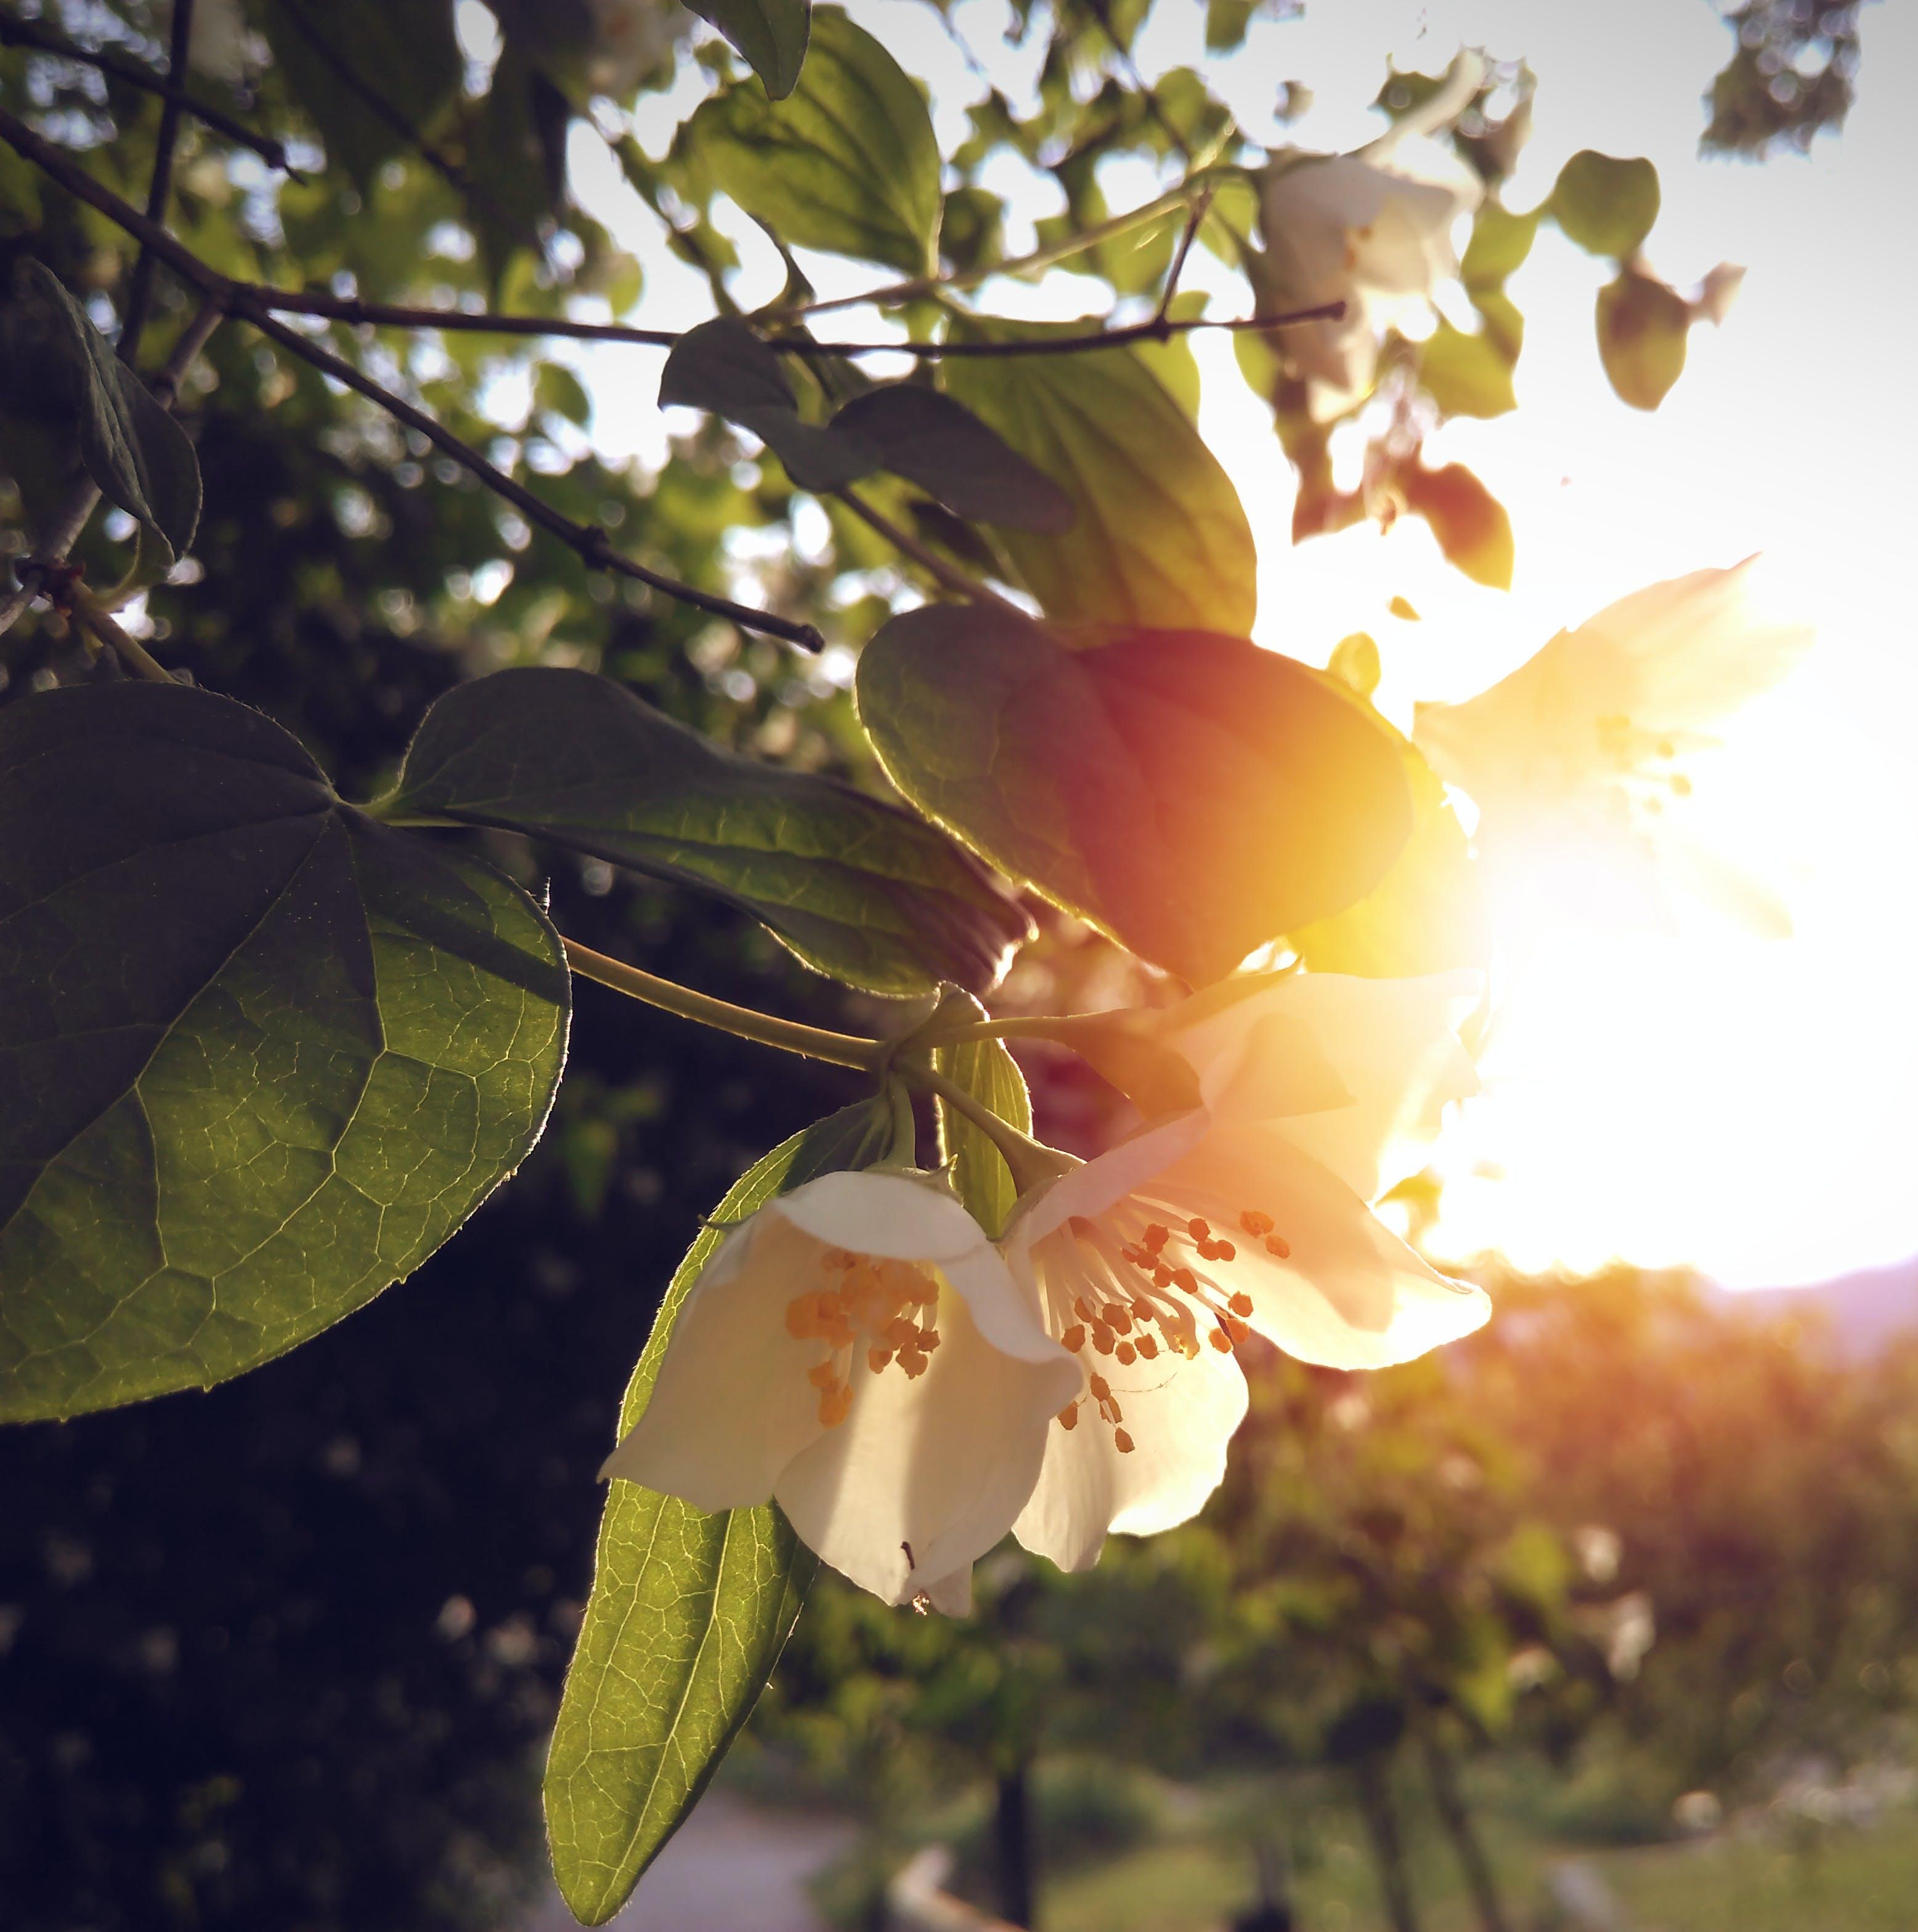 Gratis lagerfoto af blomster, gylden sol, hvid blomst, Solskær